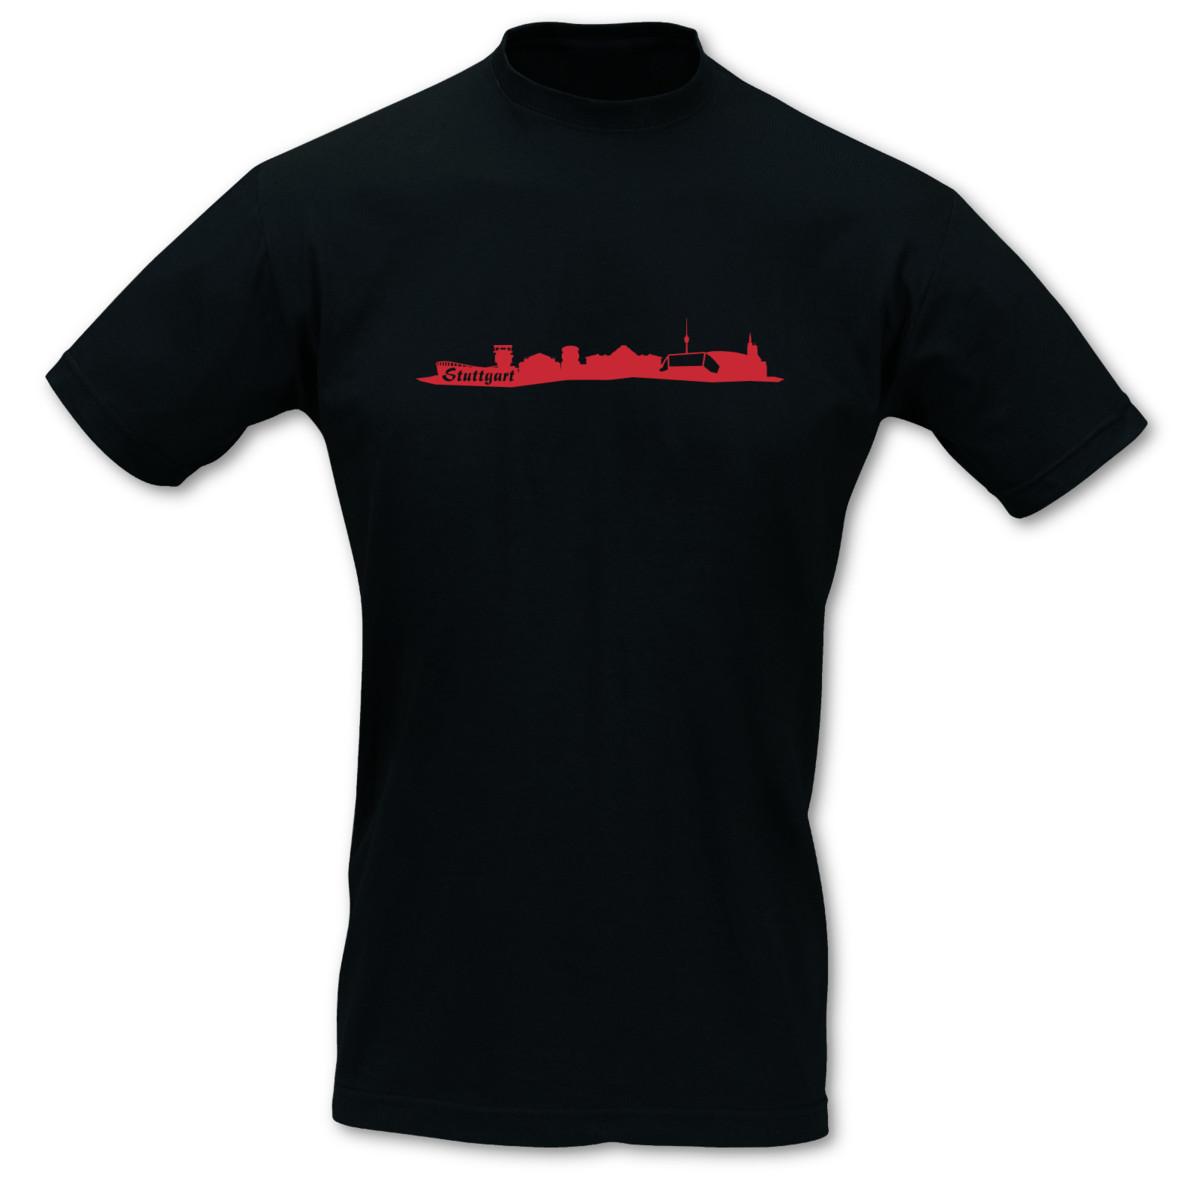 T-Shirt-Stuttgart-Skyline-8-Farben-S-5XL